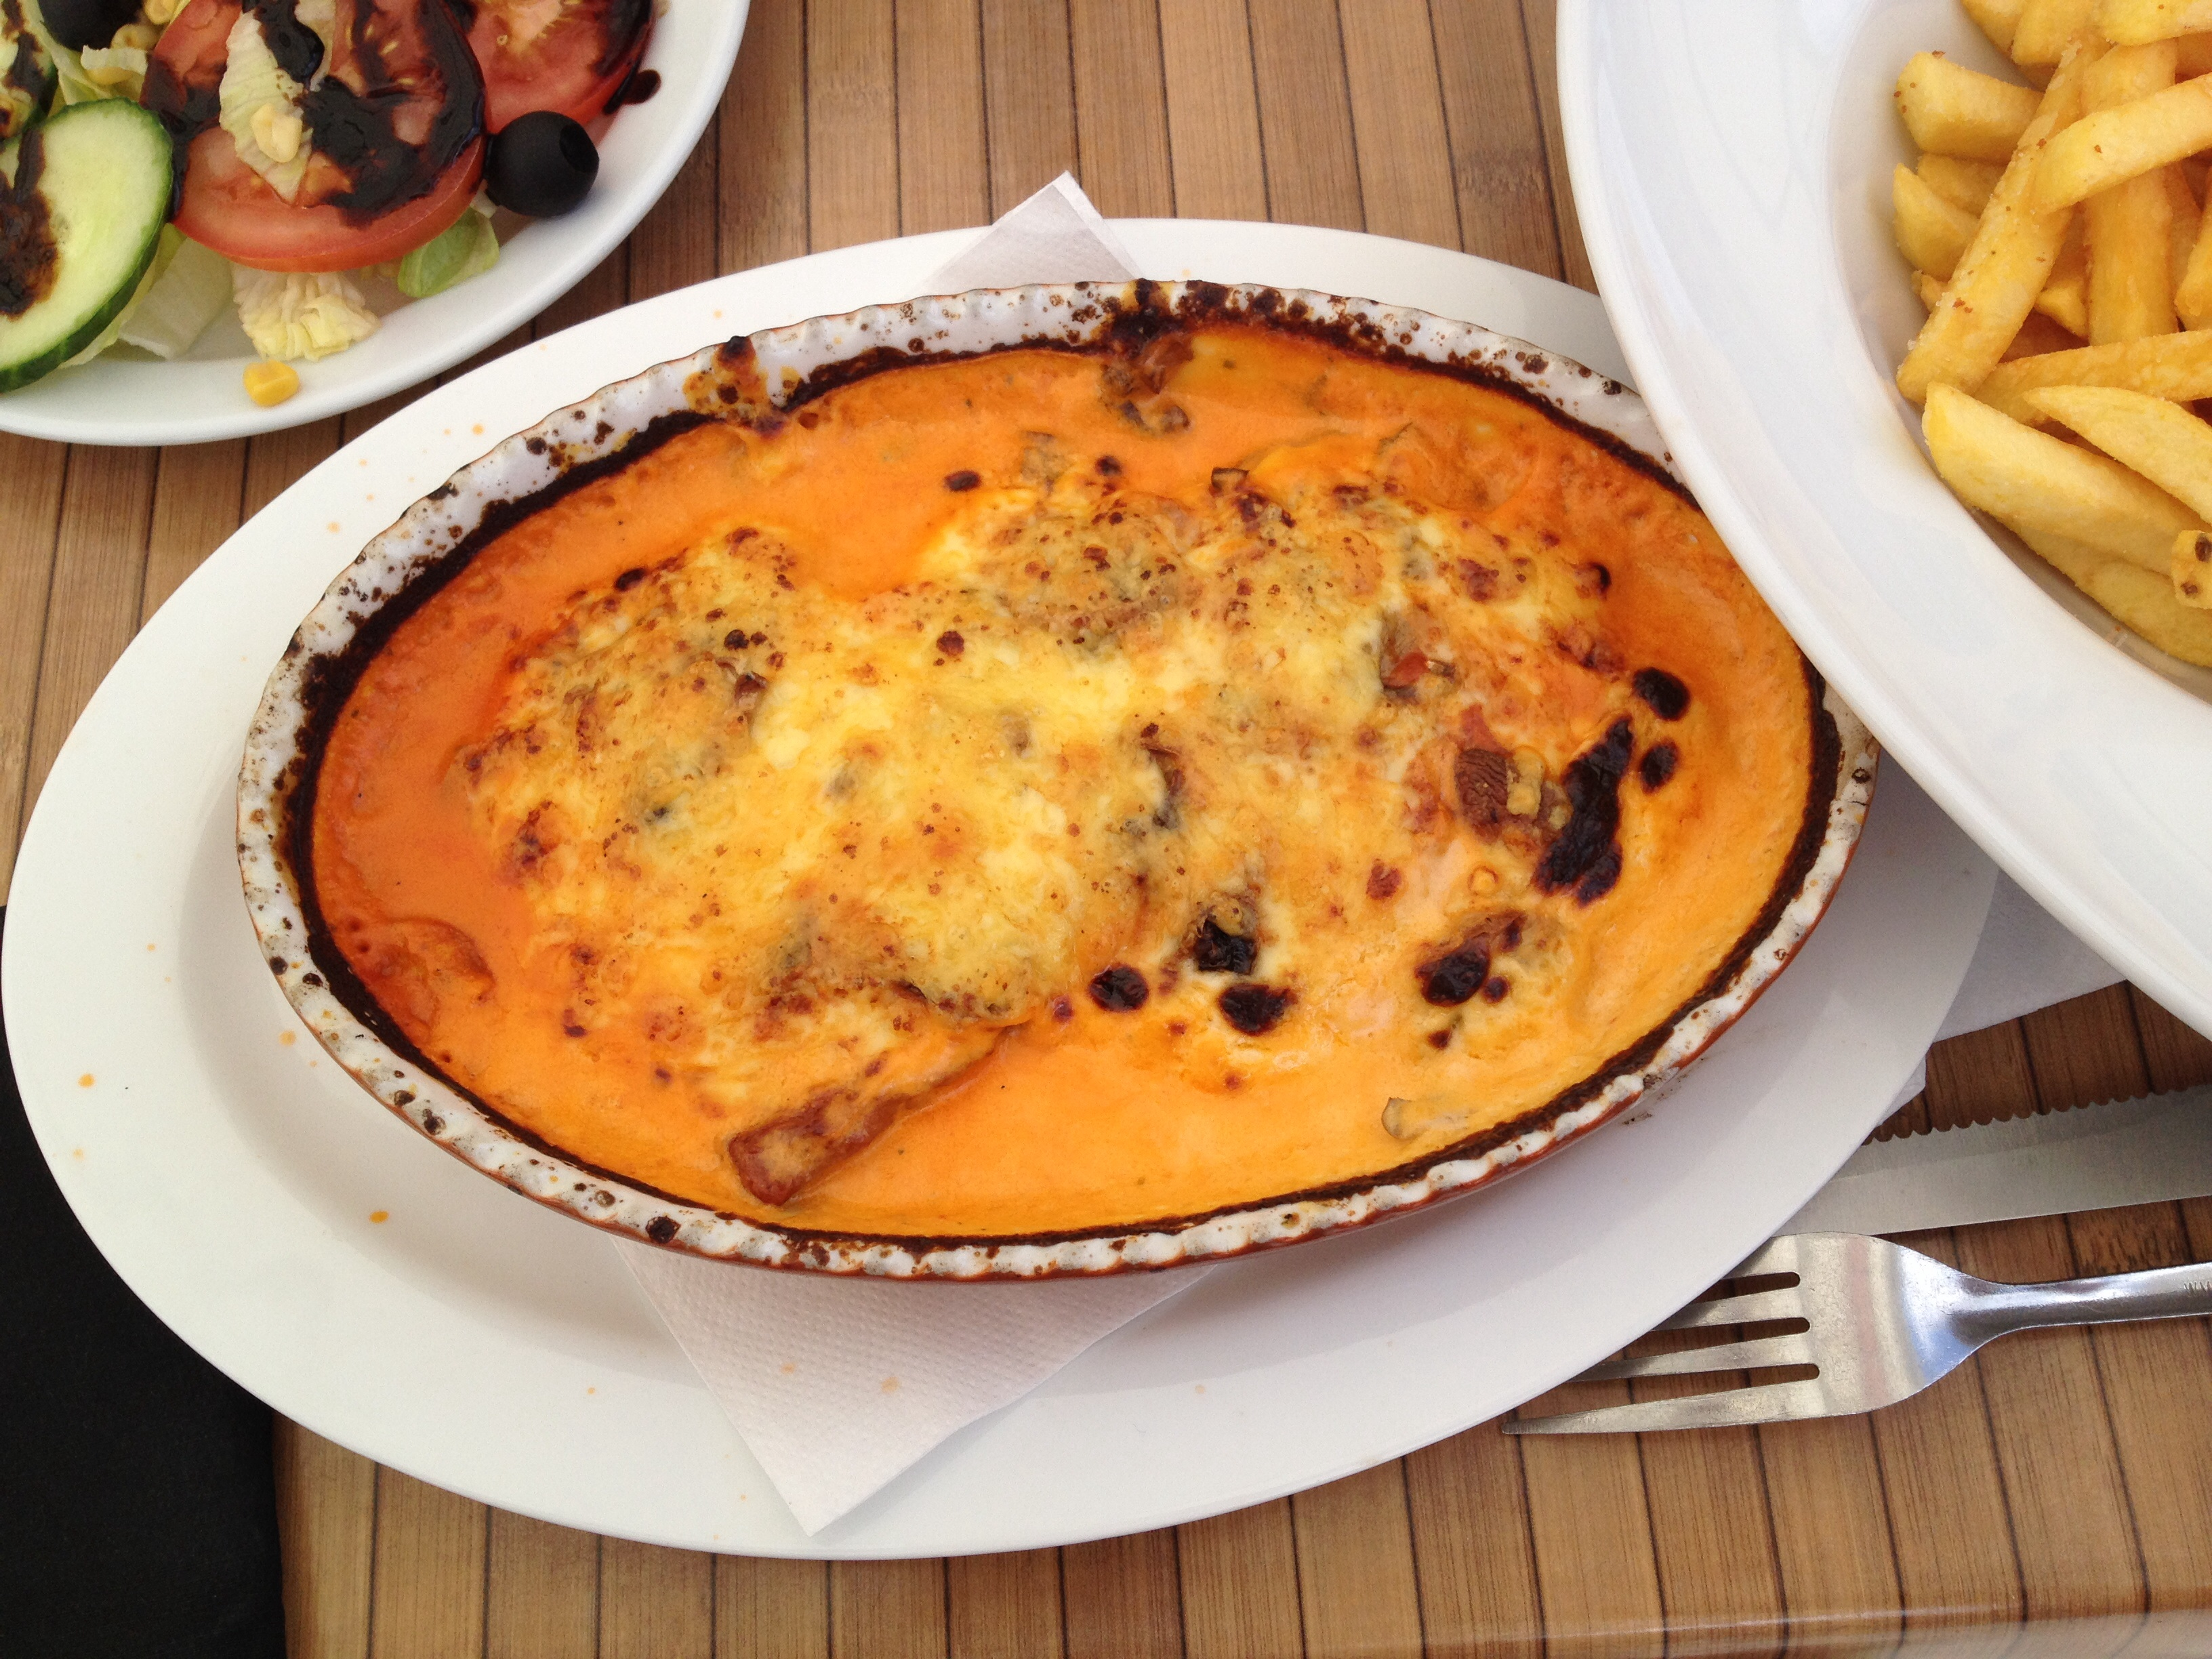 http://foodloader.net/BrollyLSSJ_2014-07-16_Taverna_Da_Vinci_-_3_Schnitzel_in_Rahmsauce.jpg